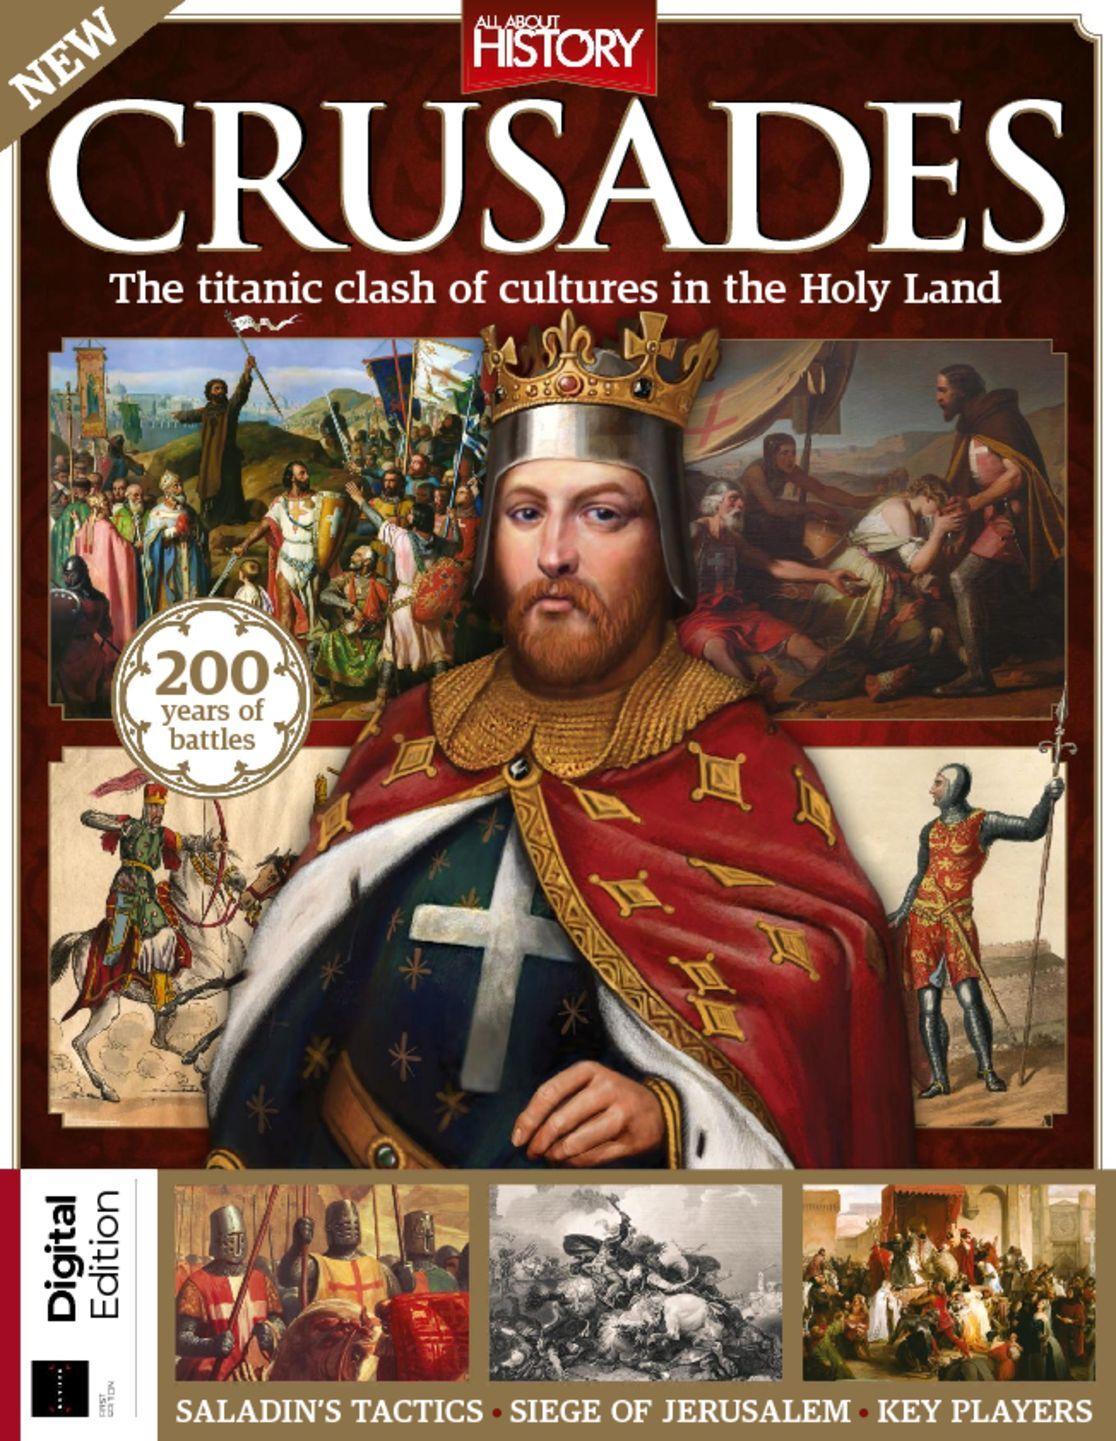 Crusades Digital